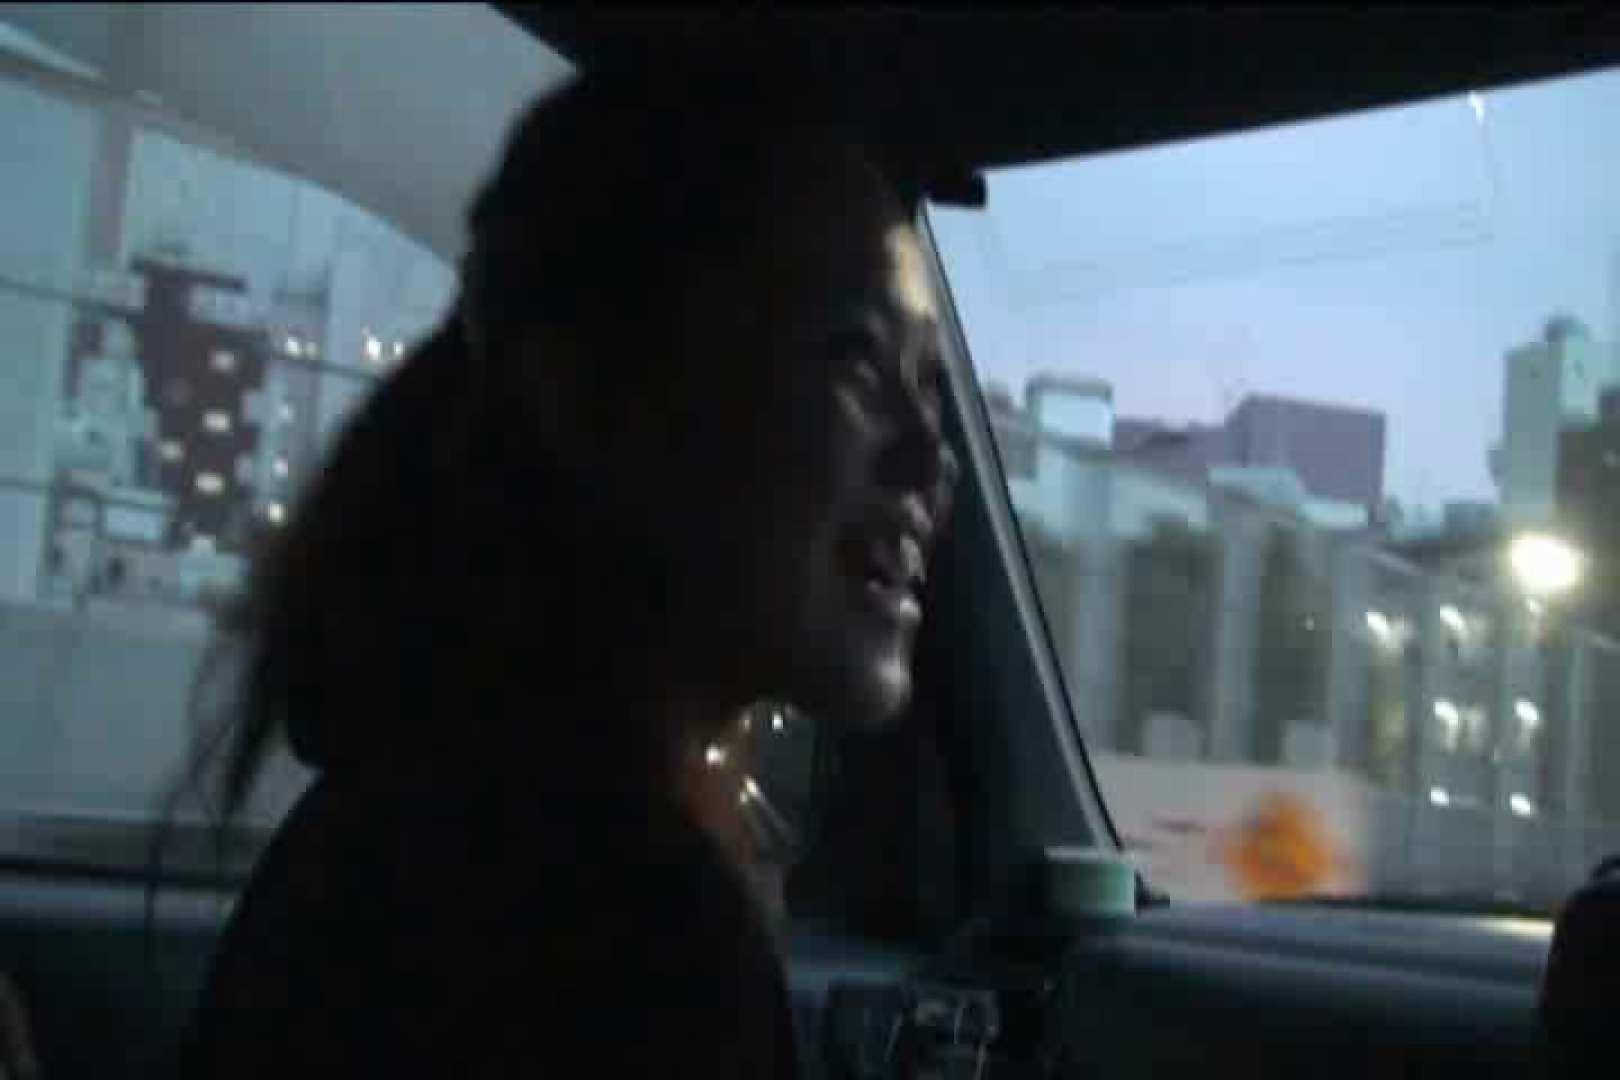 車内で初めまして! vol01 車でエッチ アダルト動画キャプチャ 9枚 4